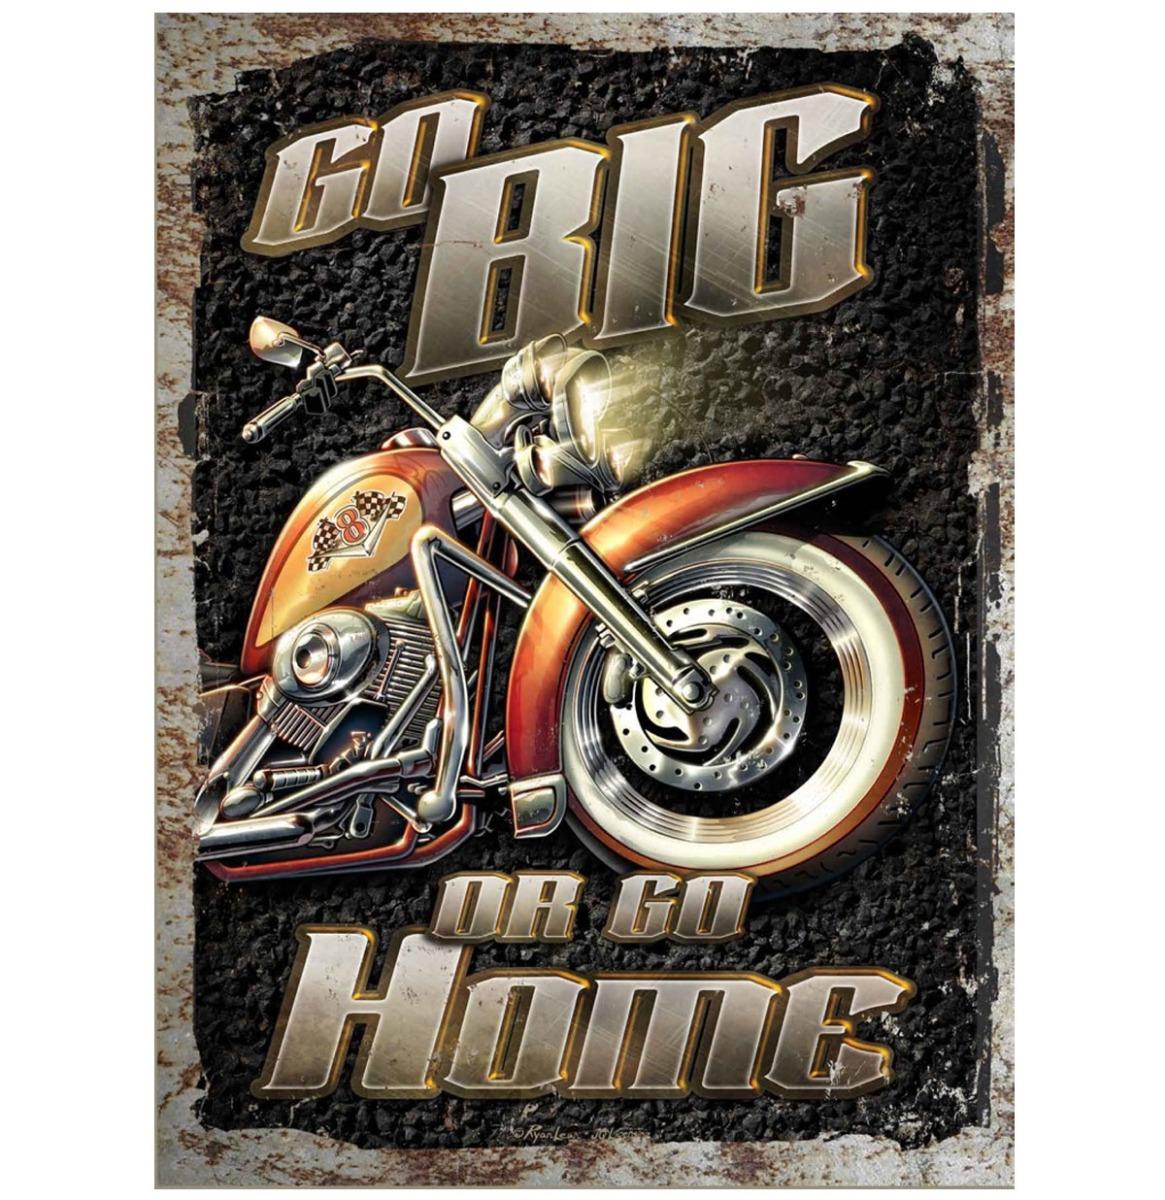 Motorcycle Go Big Or Go Home Metalen Bord Met Reliëf - 43 x 31 cm